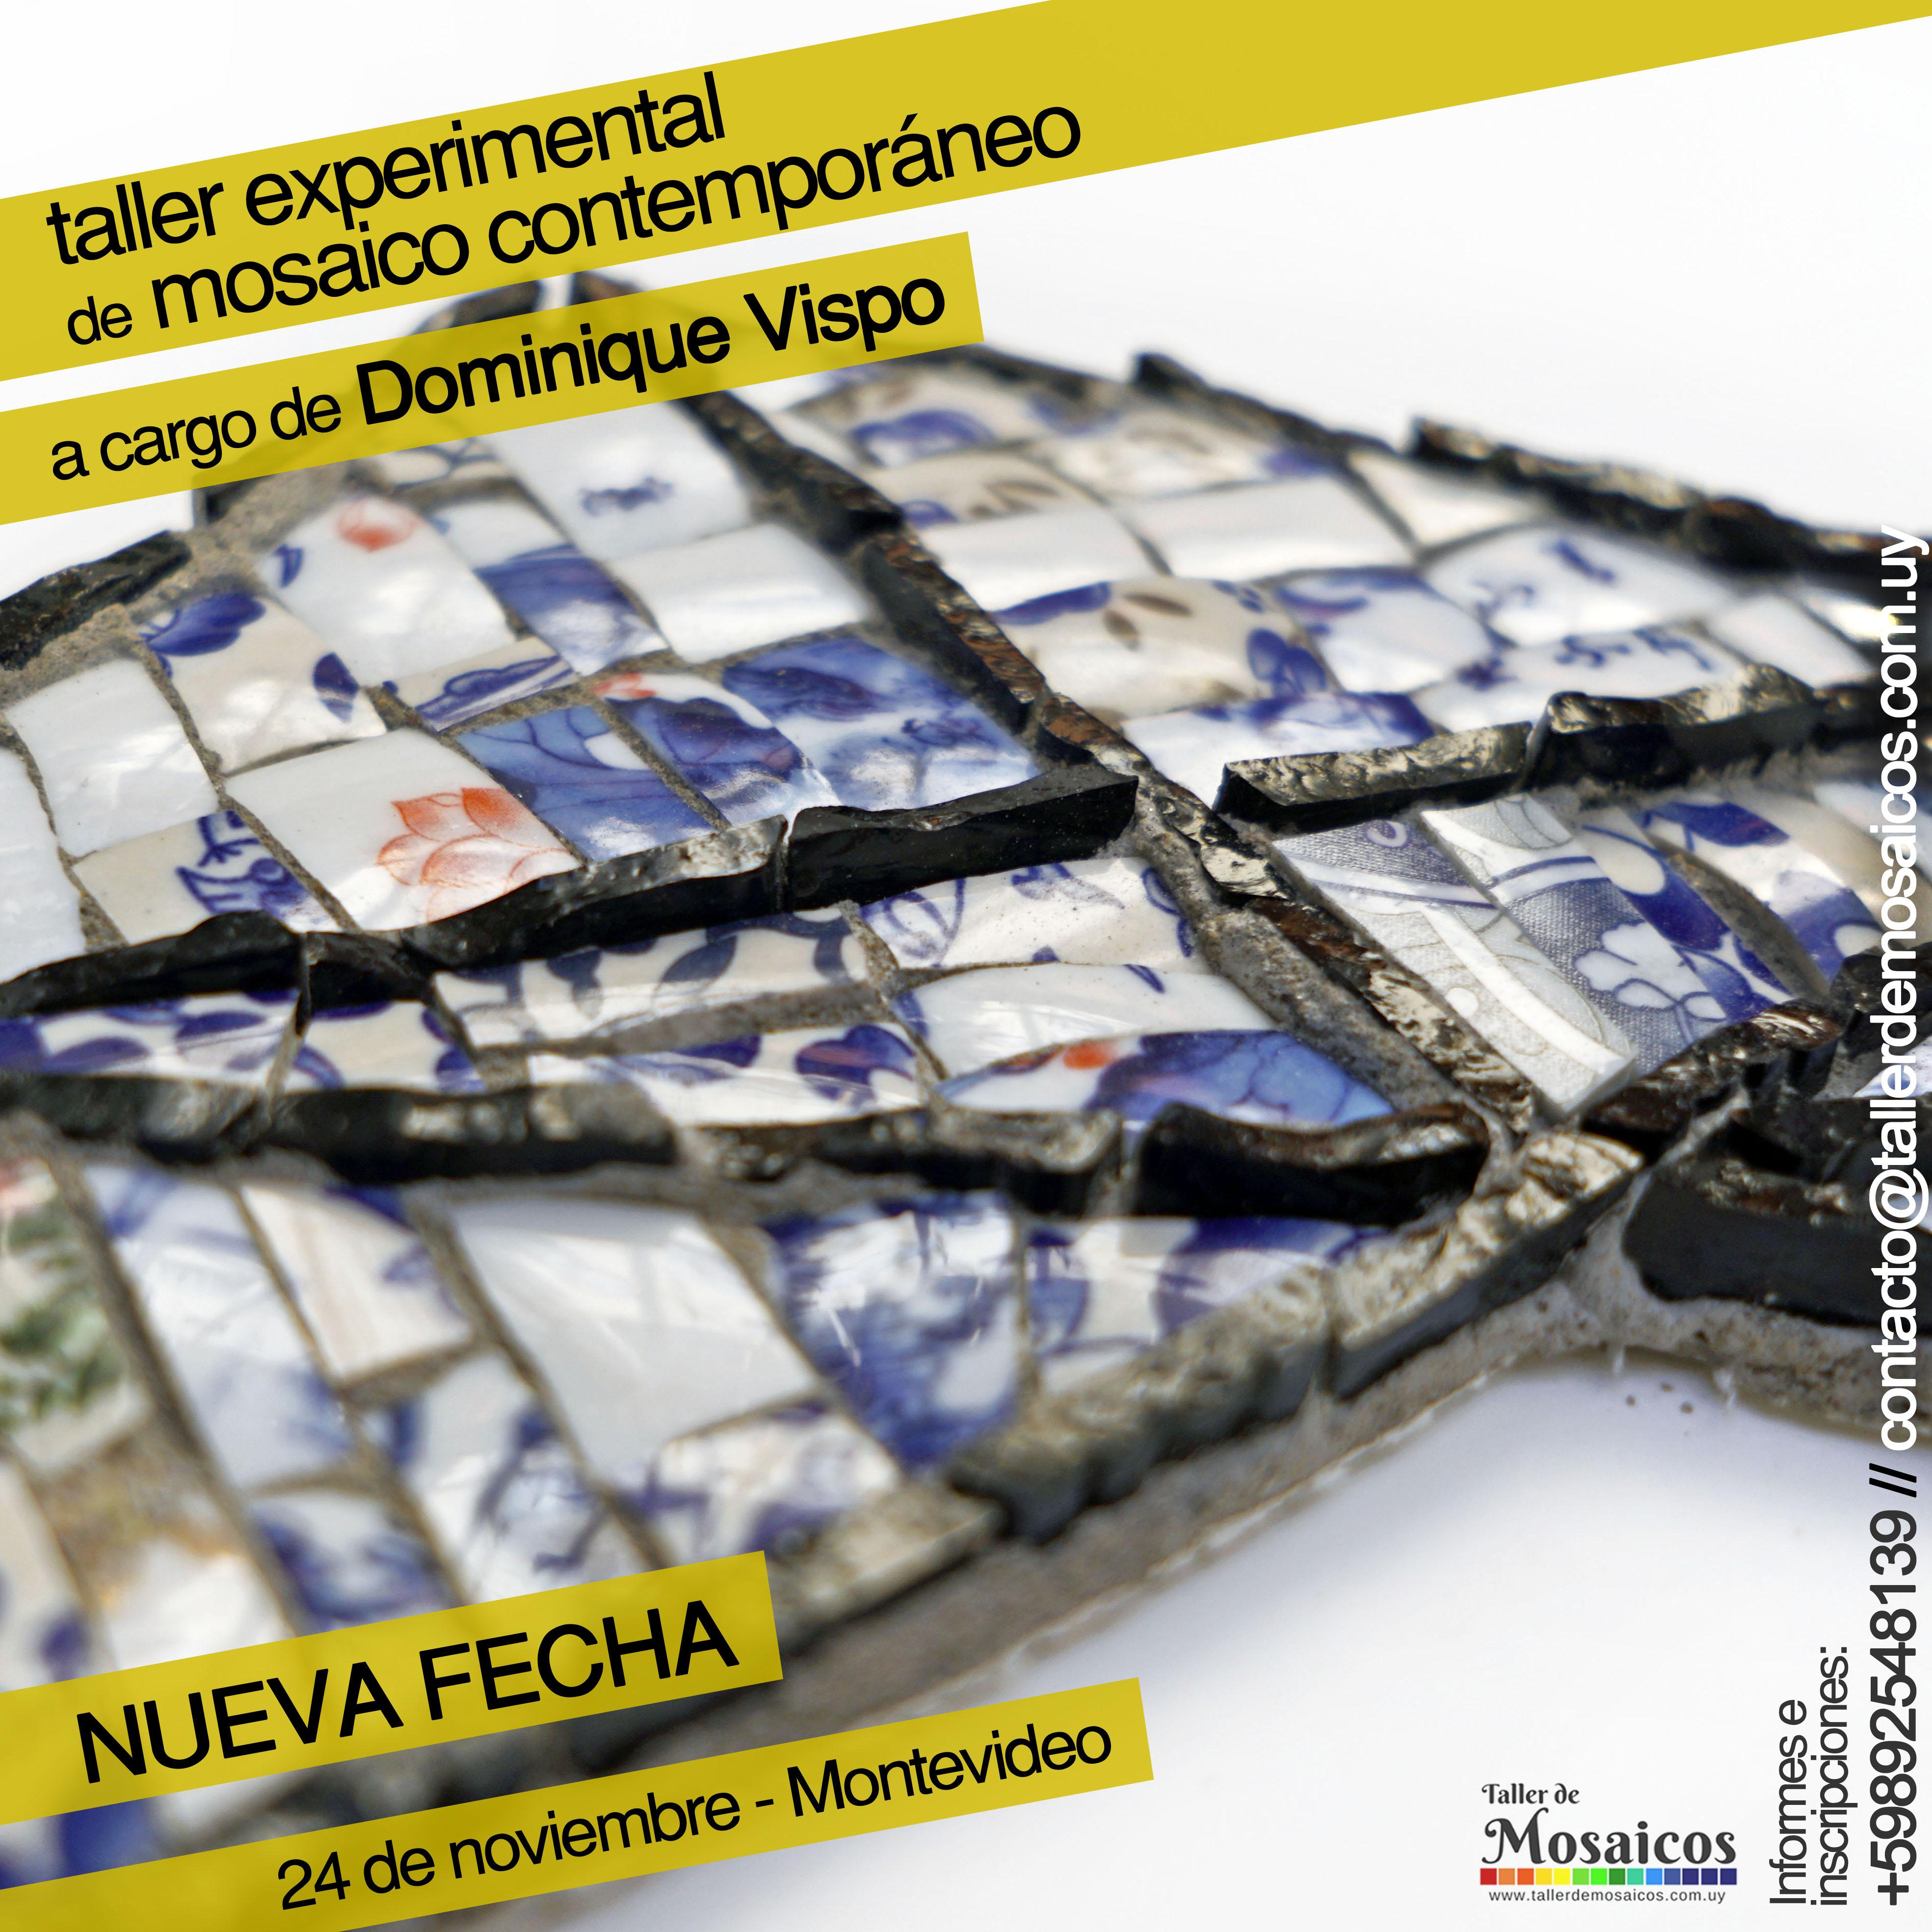 mosaico_contemporaneo Uruguay